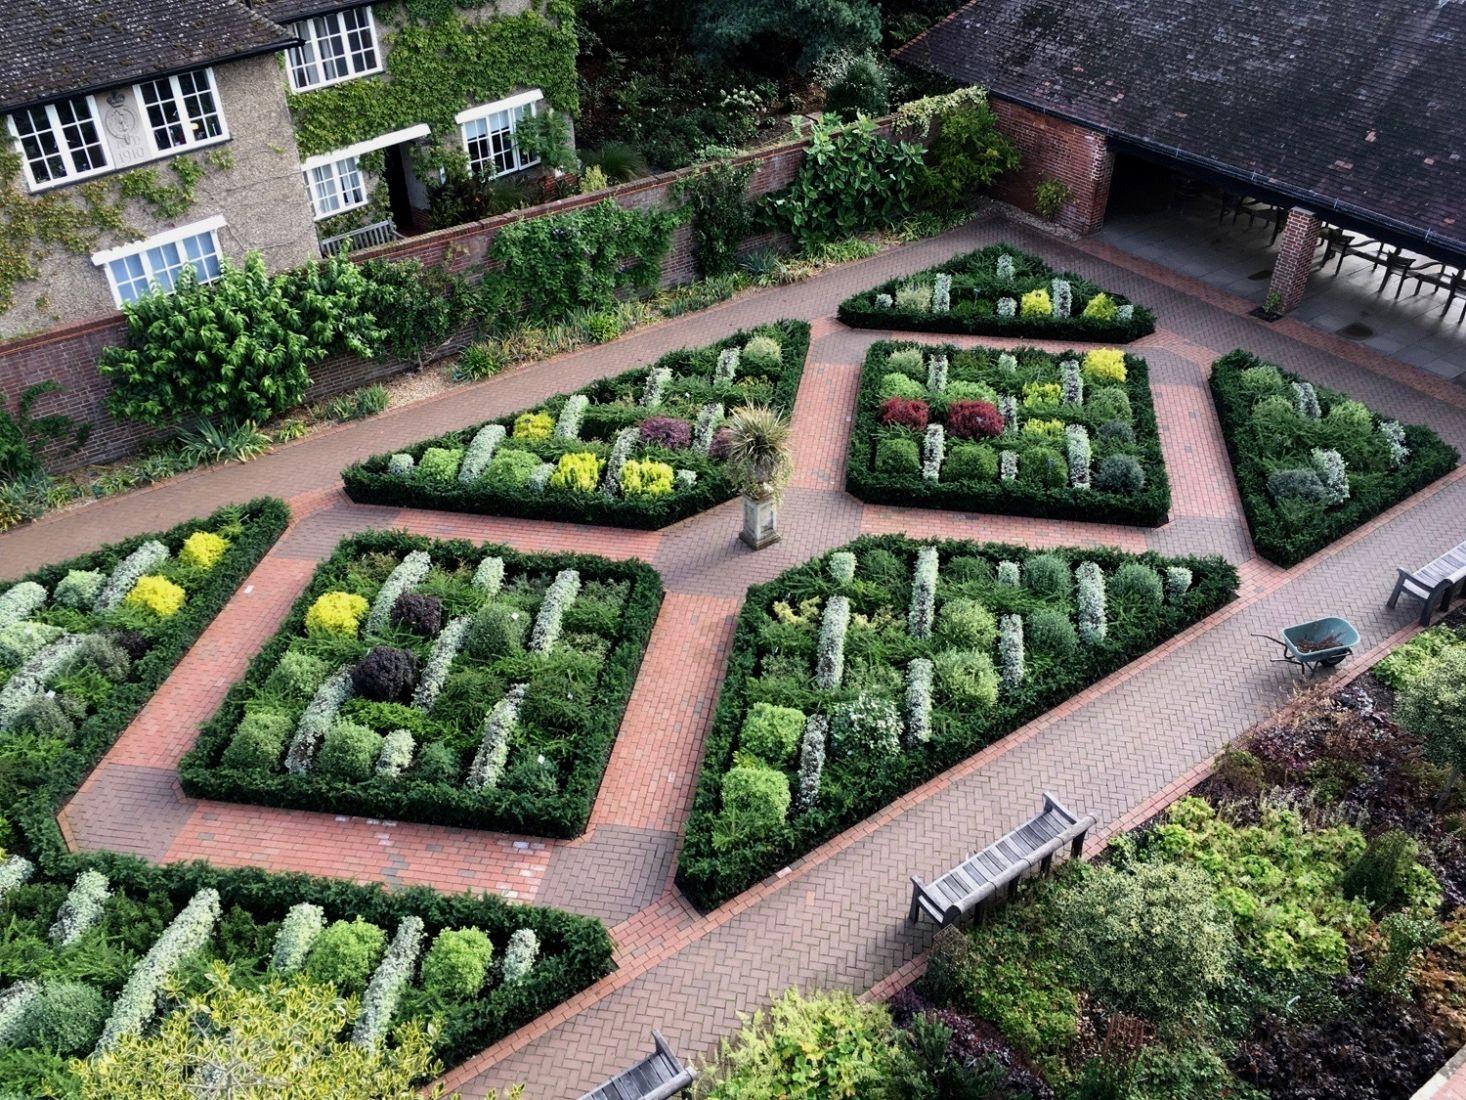 больше как распланировать огород и сад фото того чтобы